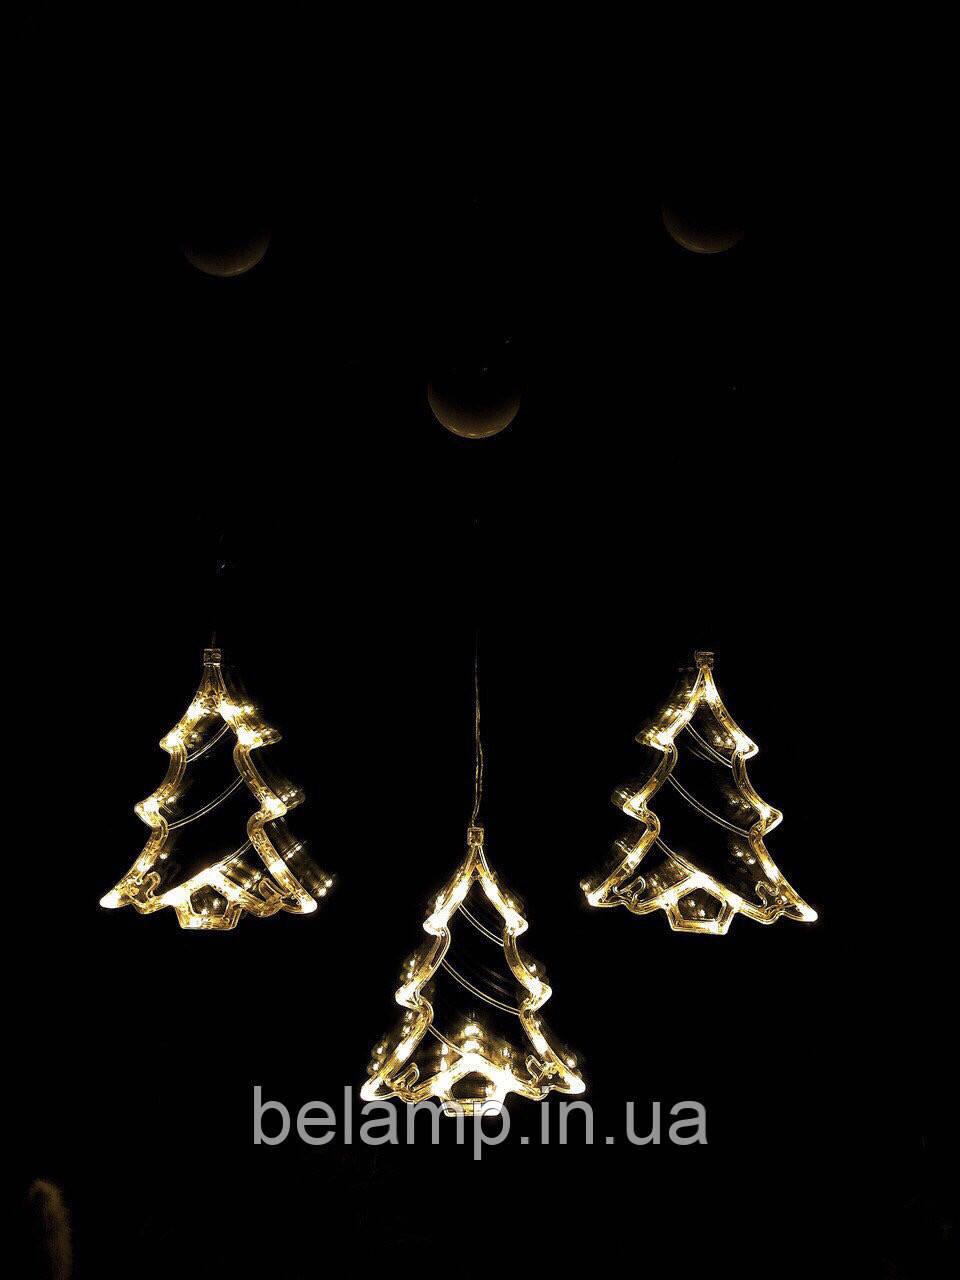 """Новогоднее украшение-гирлянда в виде елочки """"Теплая елочка"""". Цена указана за 1 елочку"""